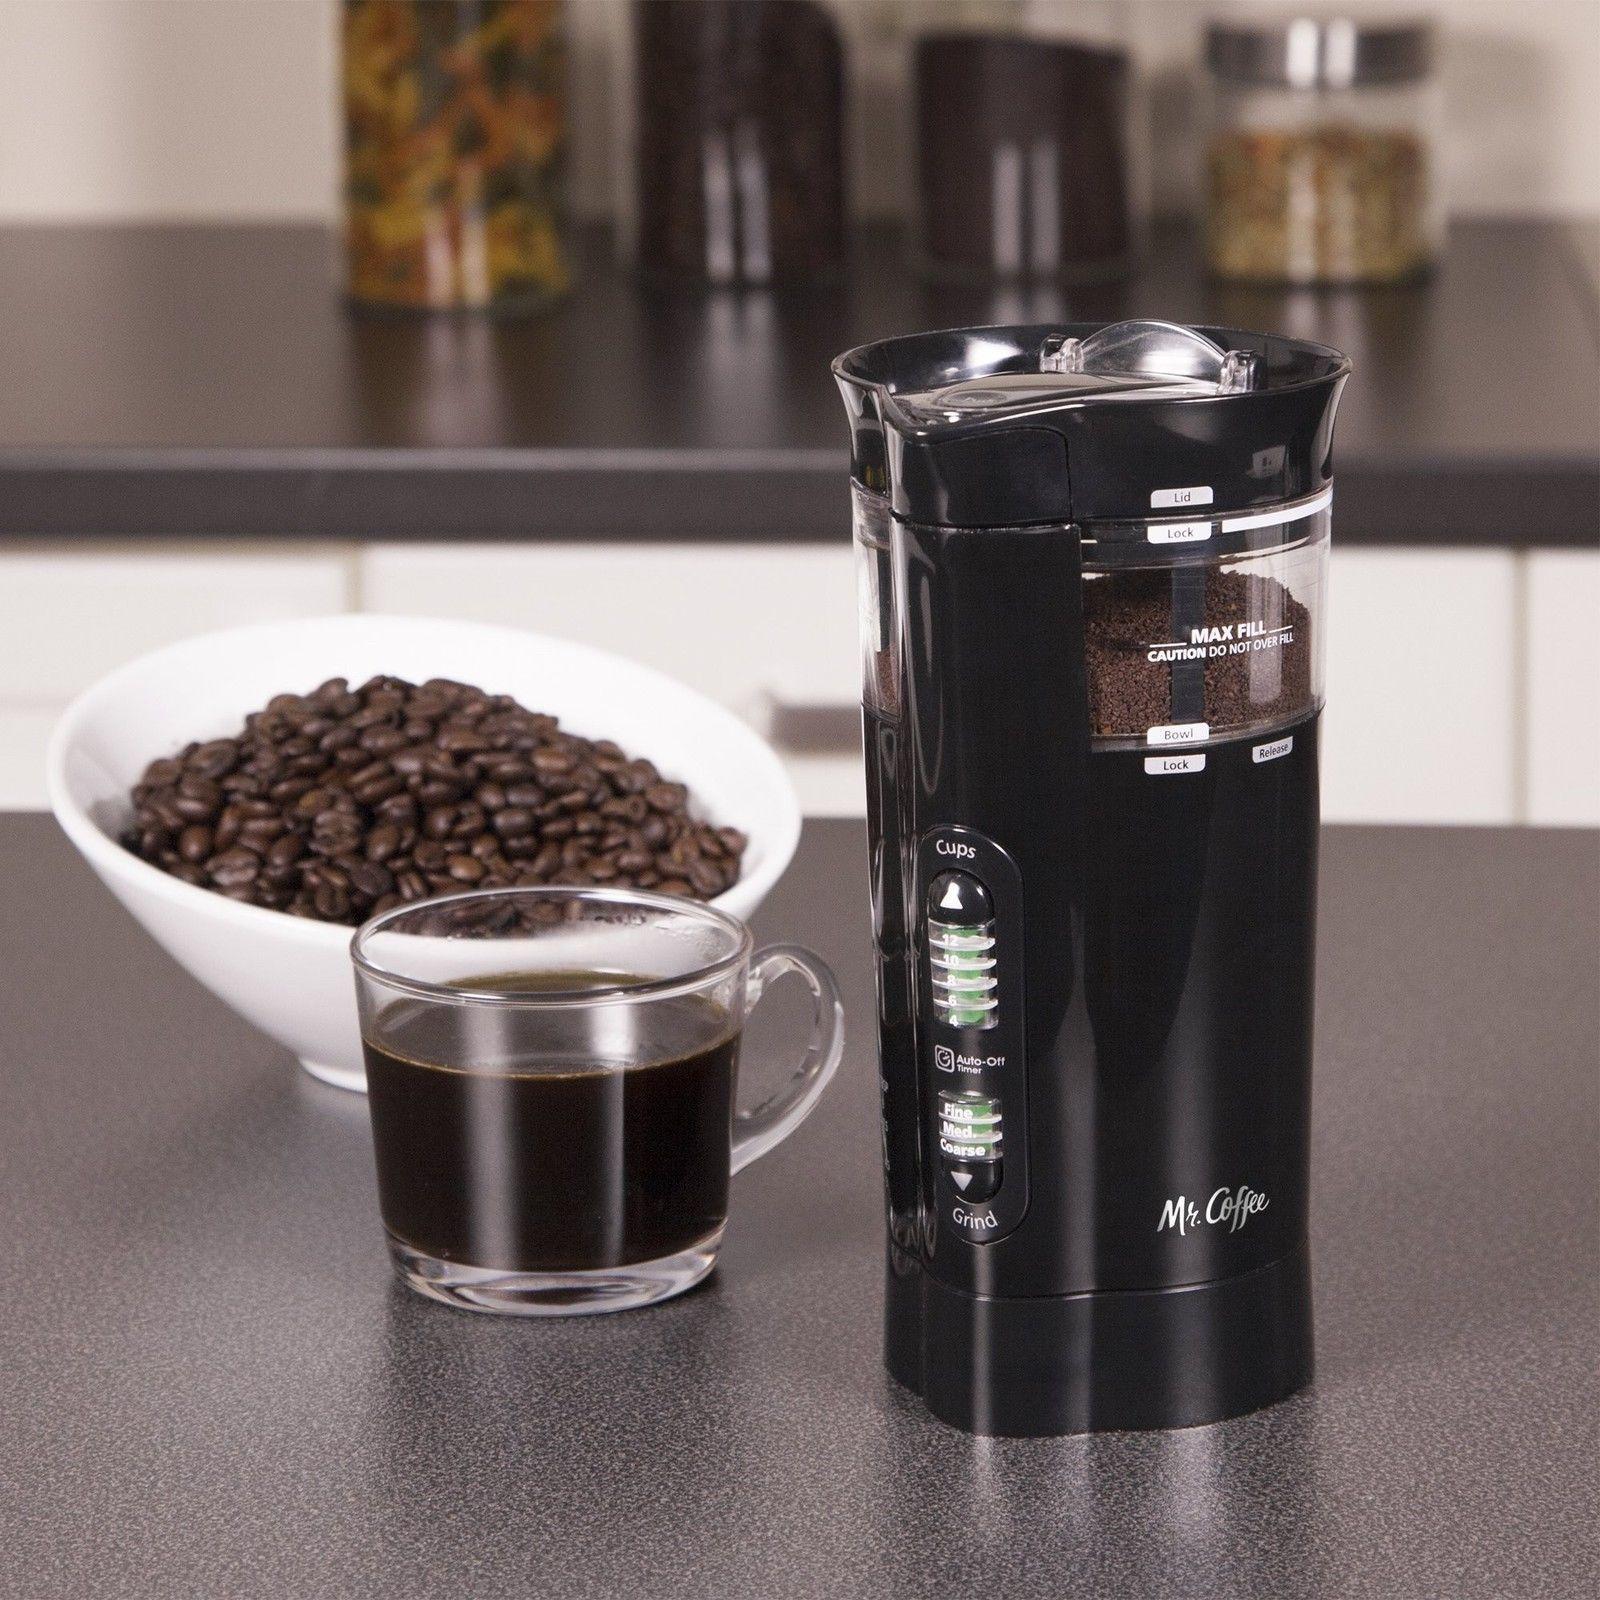 Alwaus have fresh coffee. Electric Coffee Grinder Best